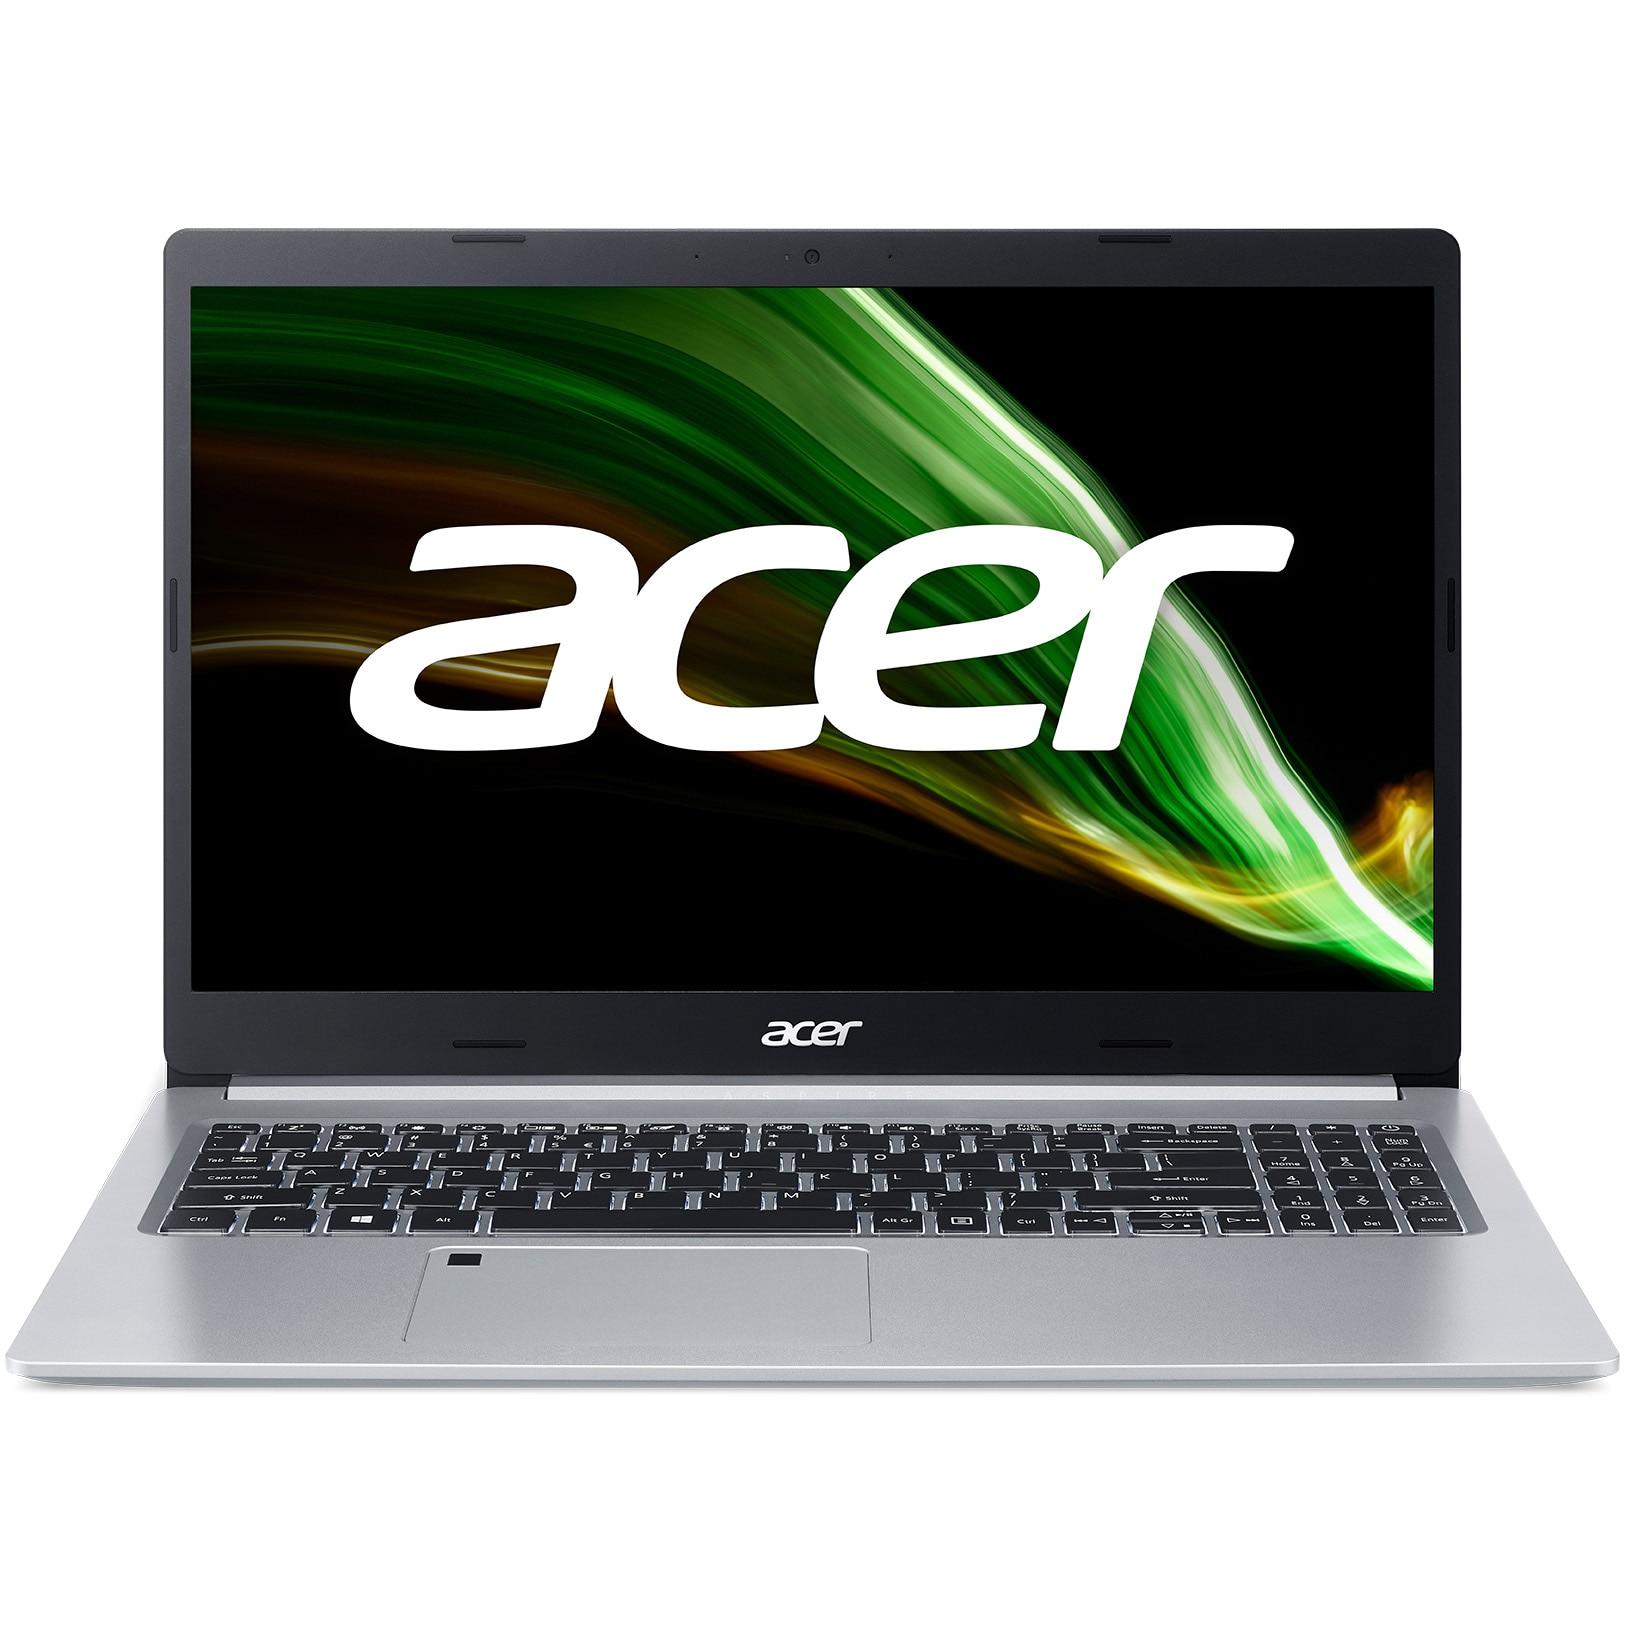 """Fotografie Laptop Acer Aspire 5 A515-45 cu procesor AMD Ryzen™ 5 5500U, 15.6"""", Full HD, 8GB, 1TB HDD + 256GB SSD, AMD Radeon Graphics, No OS, Silver"""